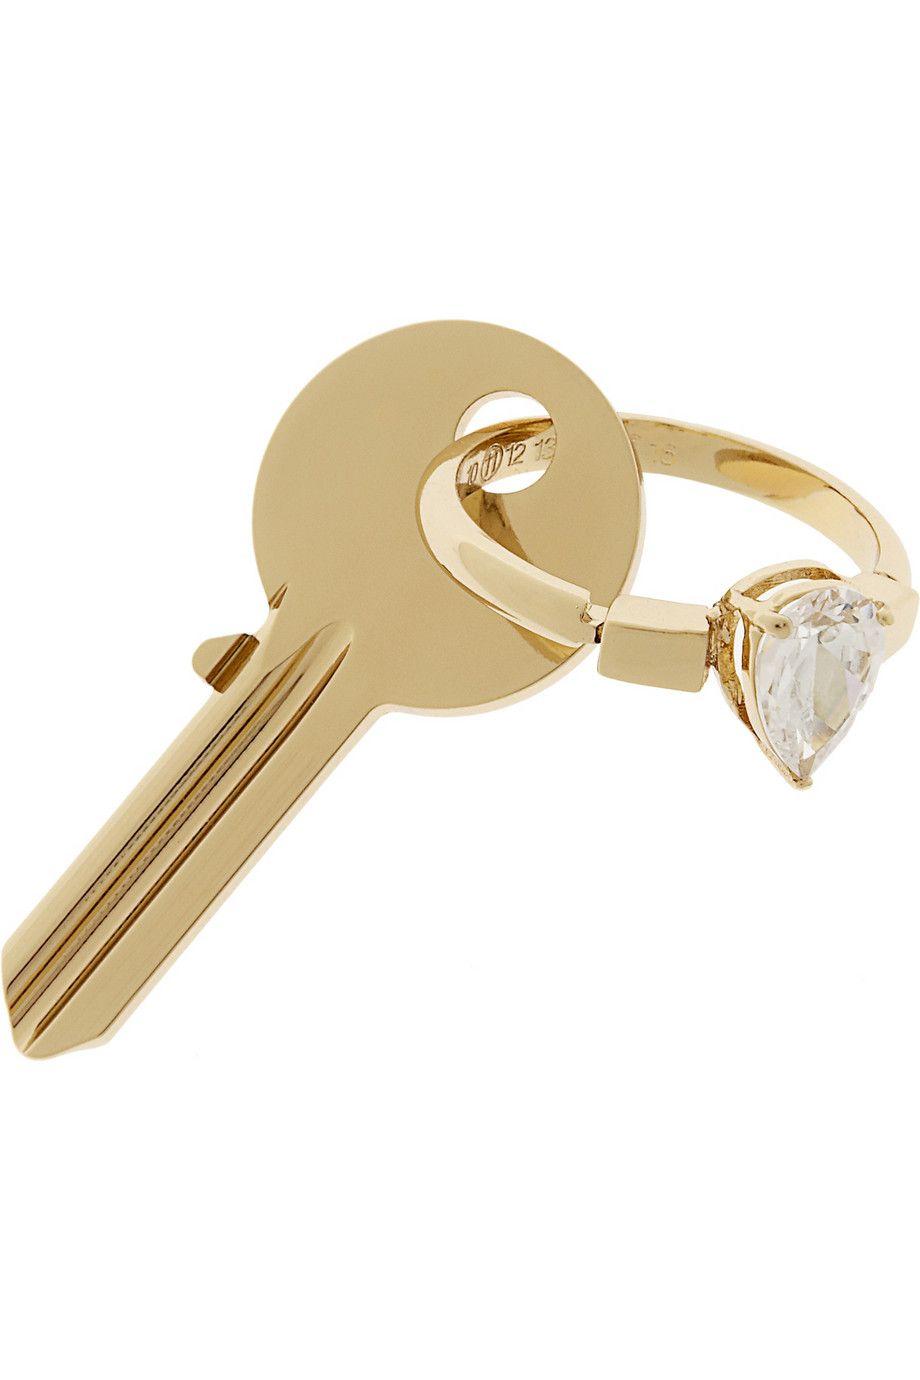 Maison Martin Margiela gold keyring LMdRWbp1